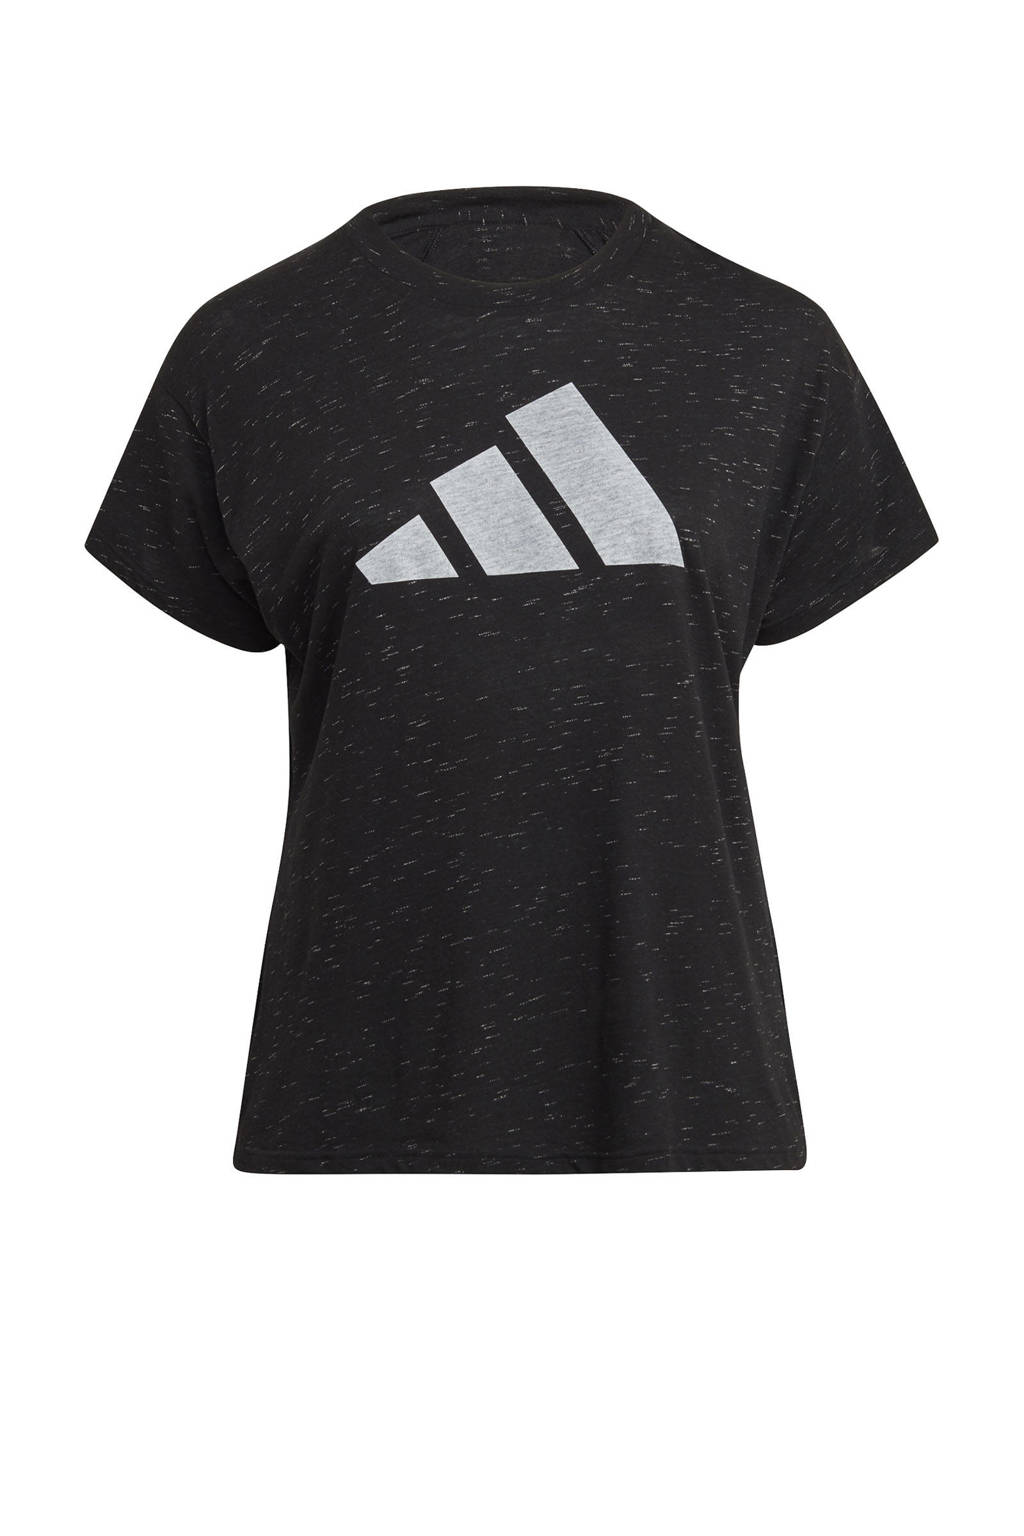 adidas Performance Plus Size 2.0 Sportwear sport T-shirt zwart, Zwart